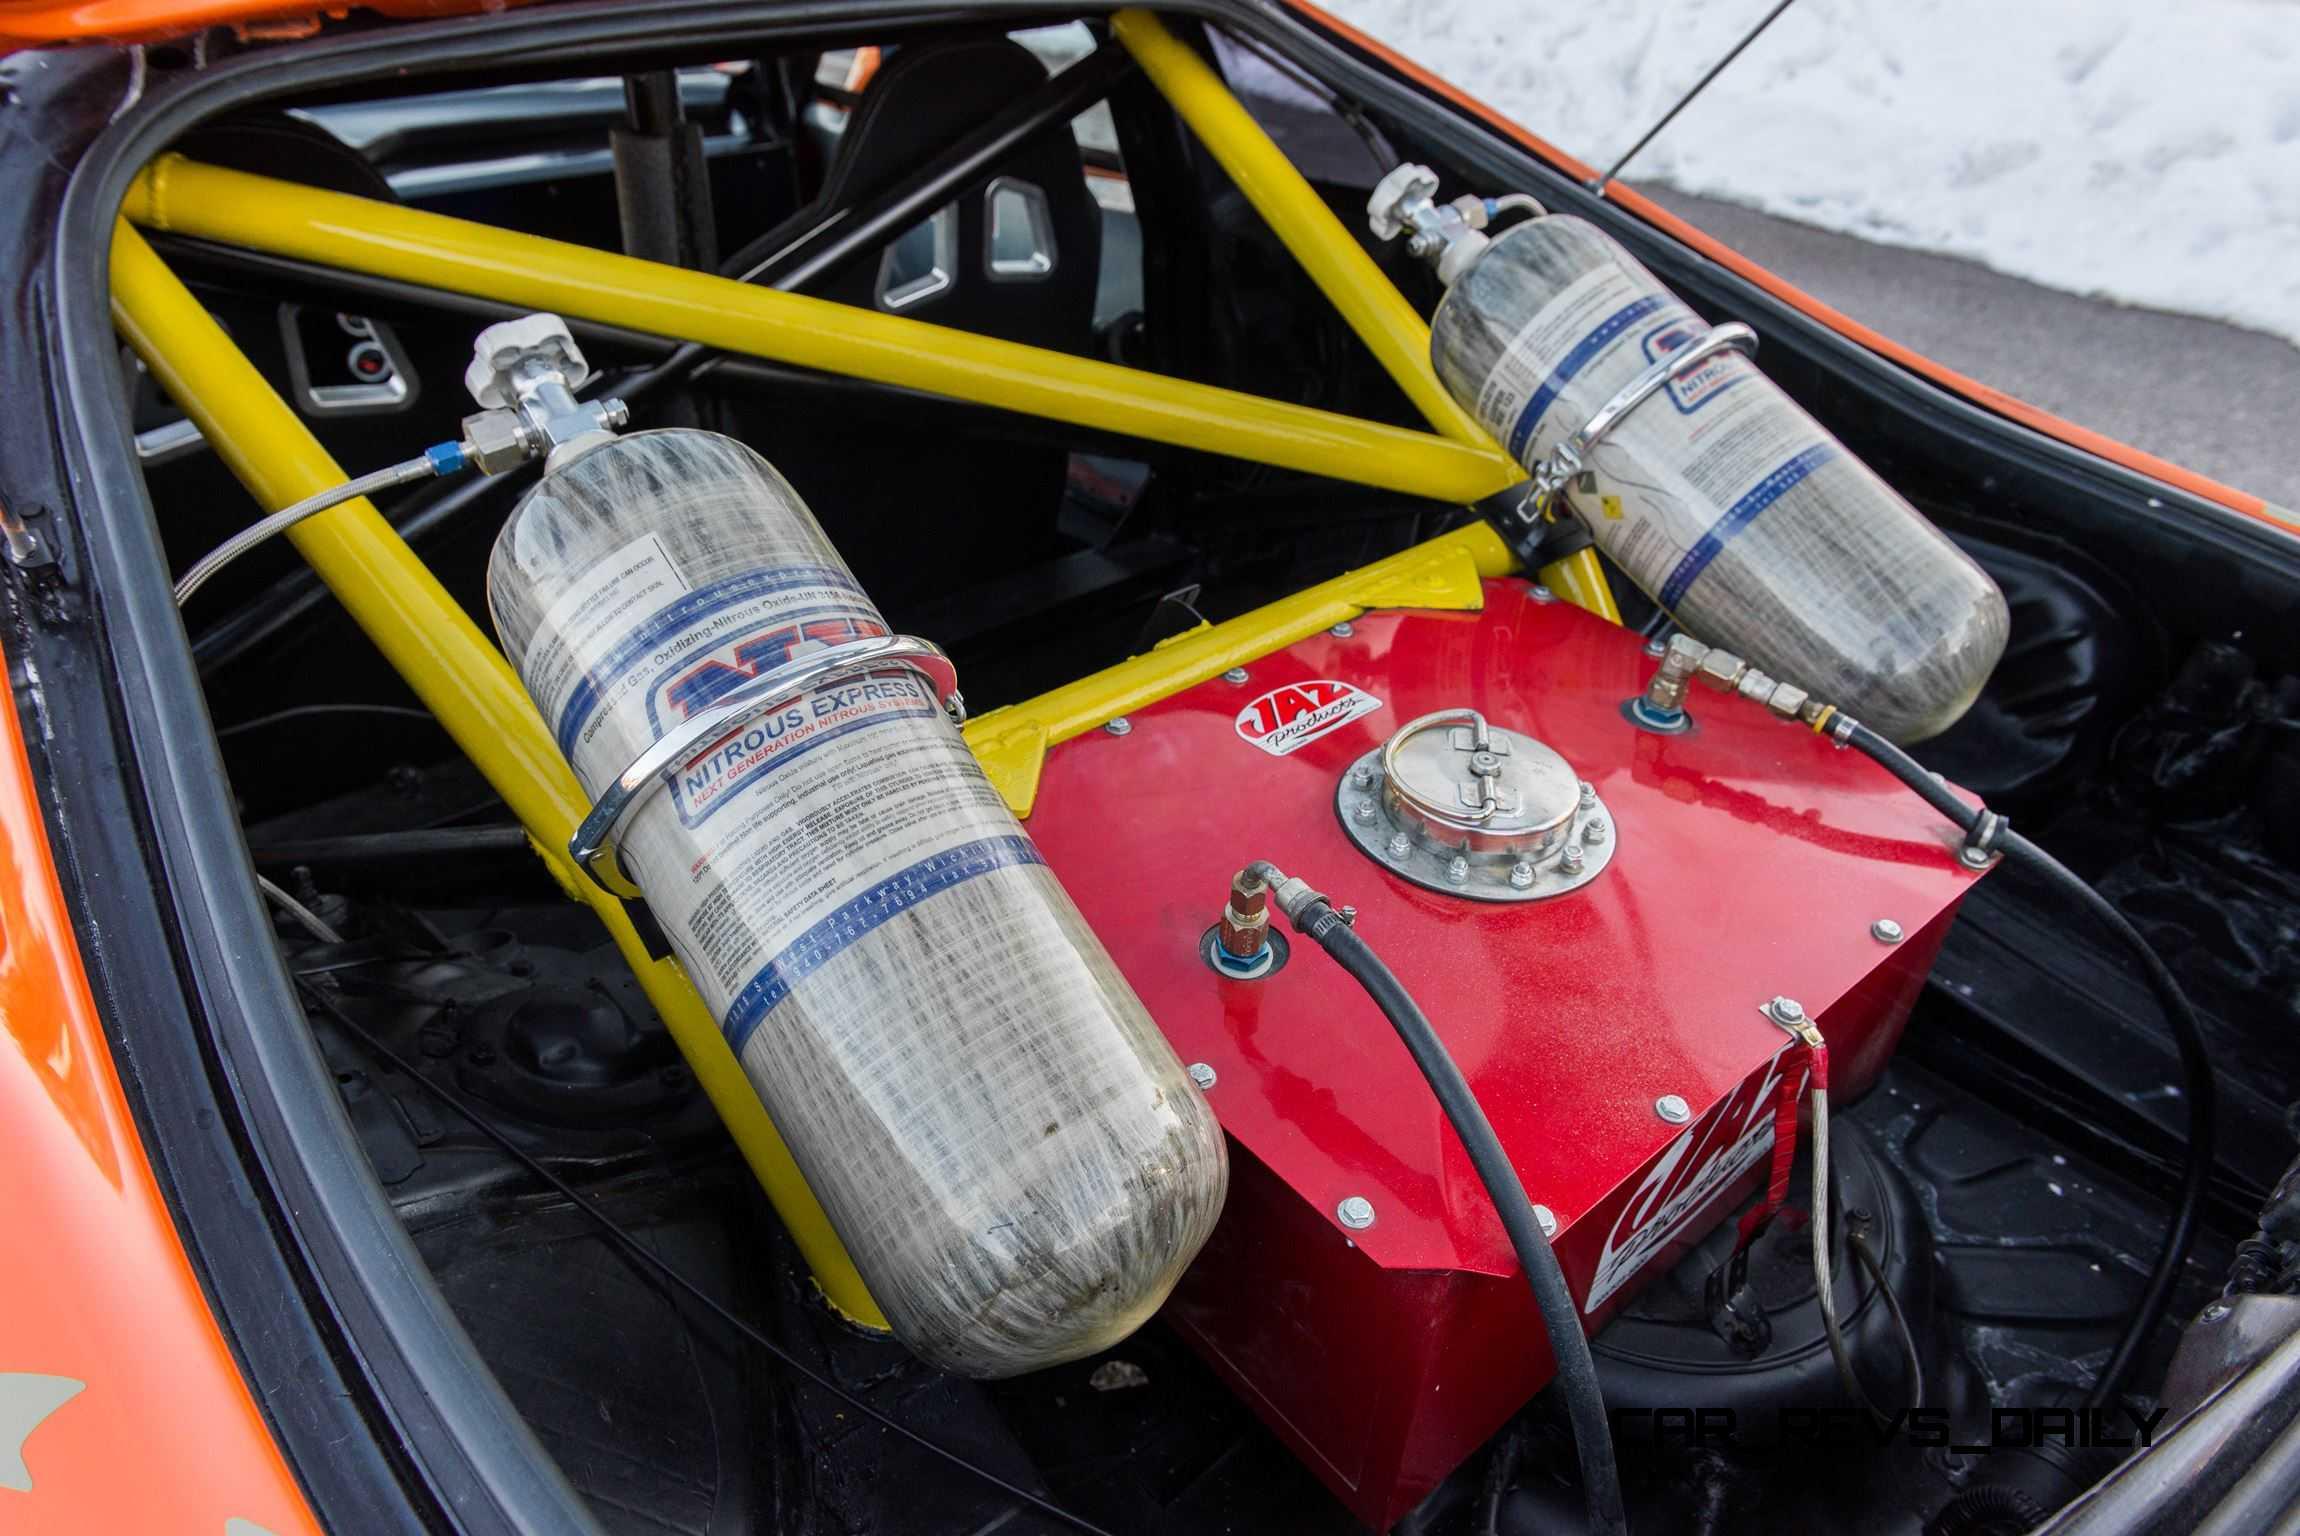 1993 Toyota Supra Official Fast Furious Movie Car 8